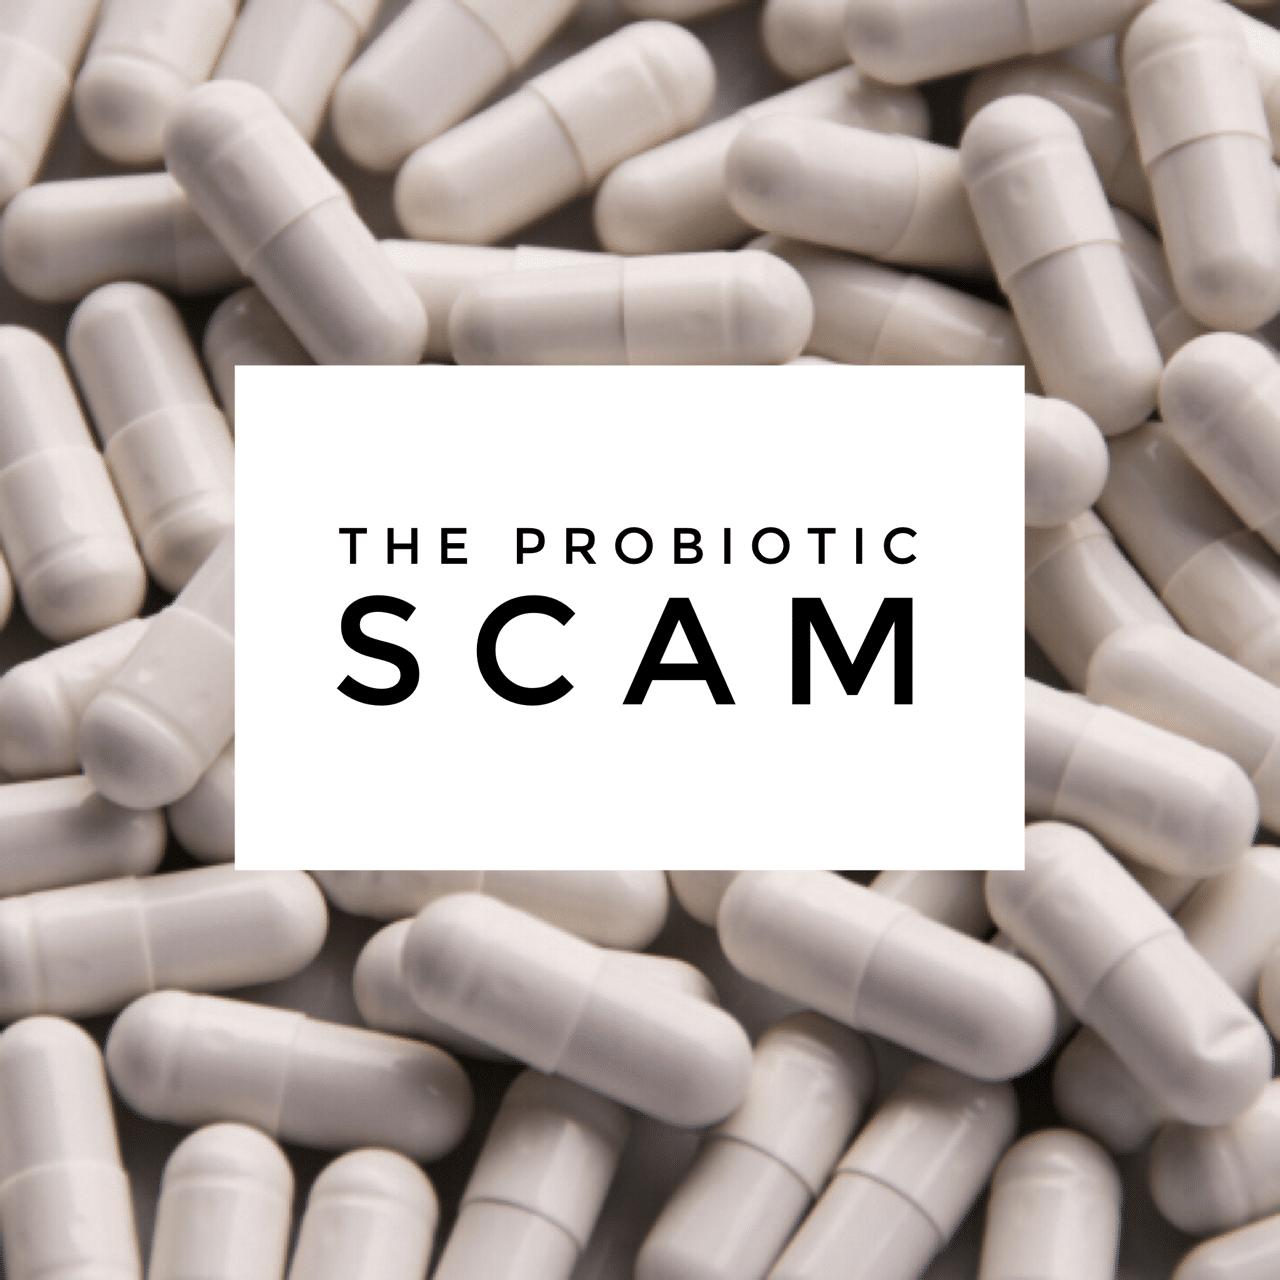 probiotic scam